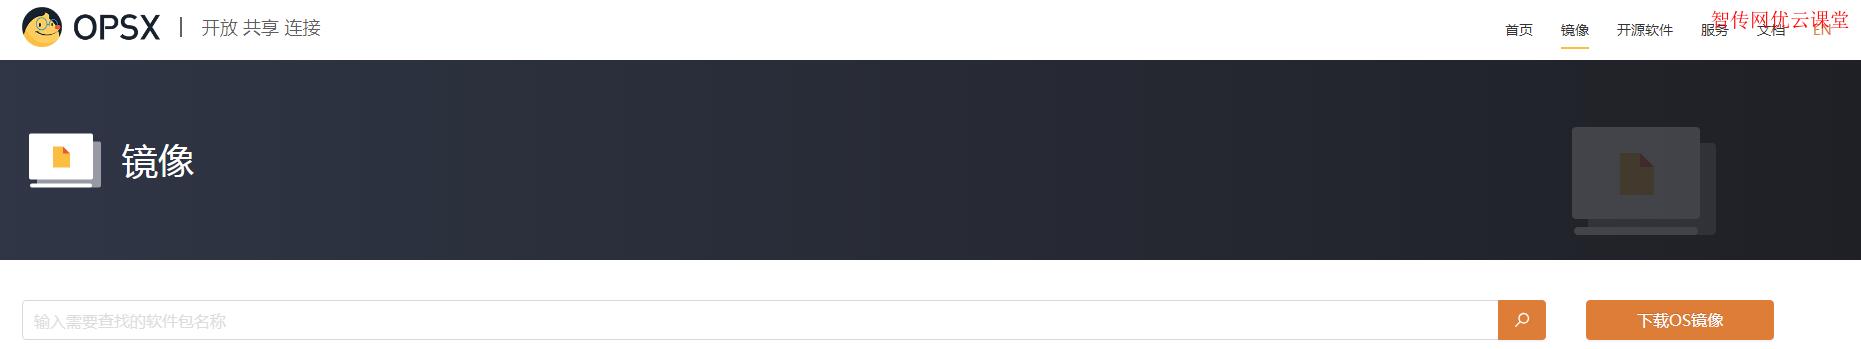 阿里巴巴开源镜像站